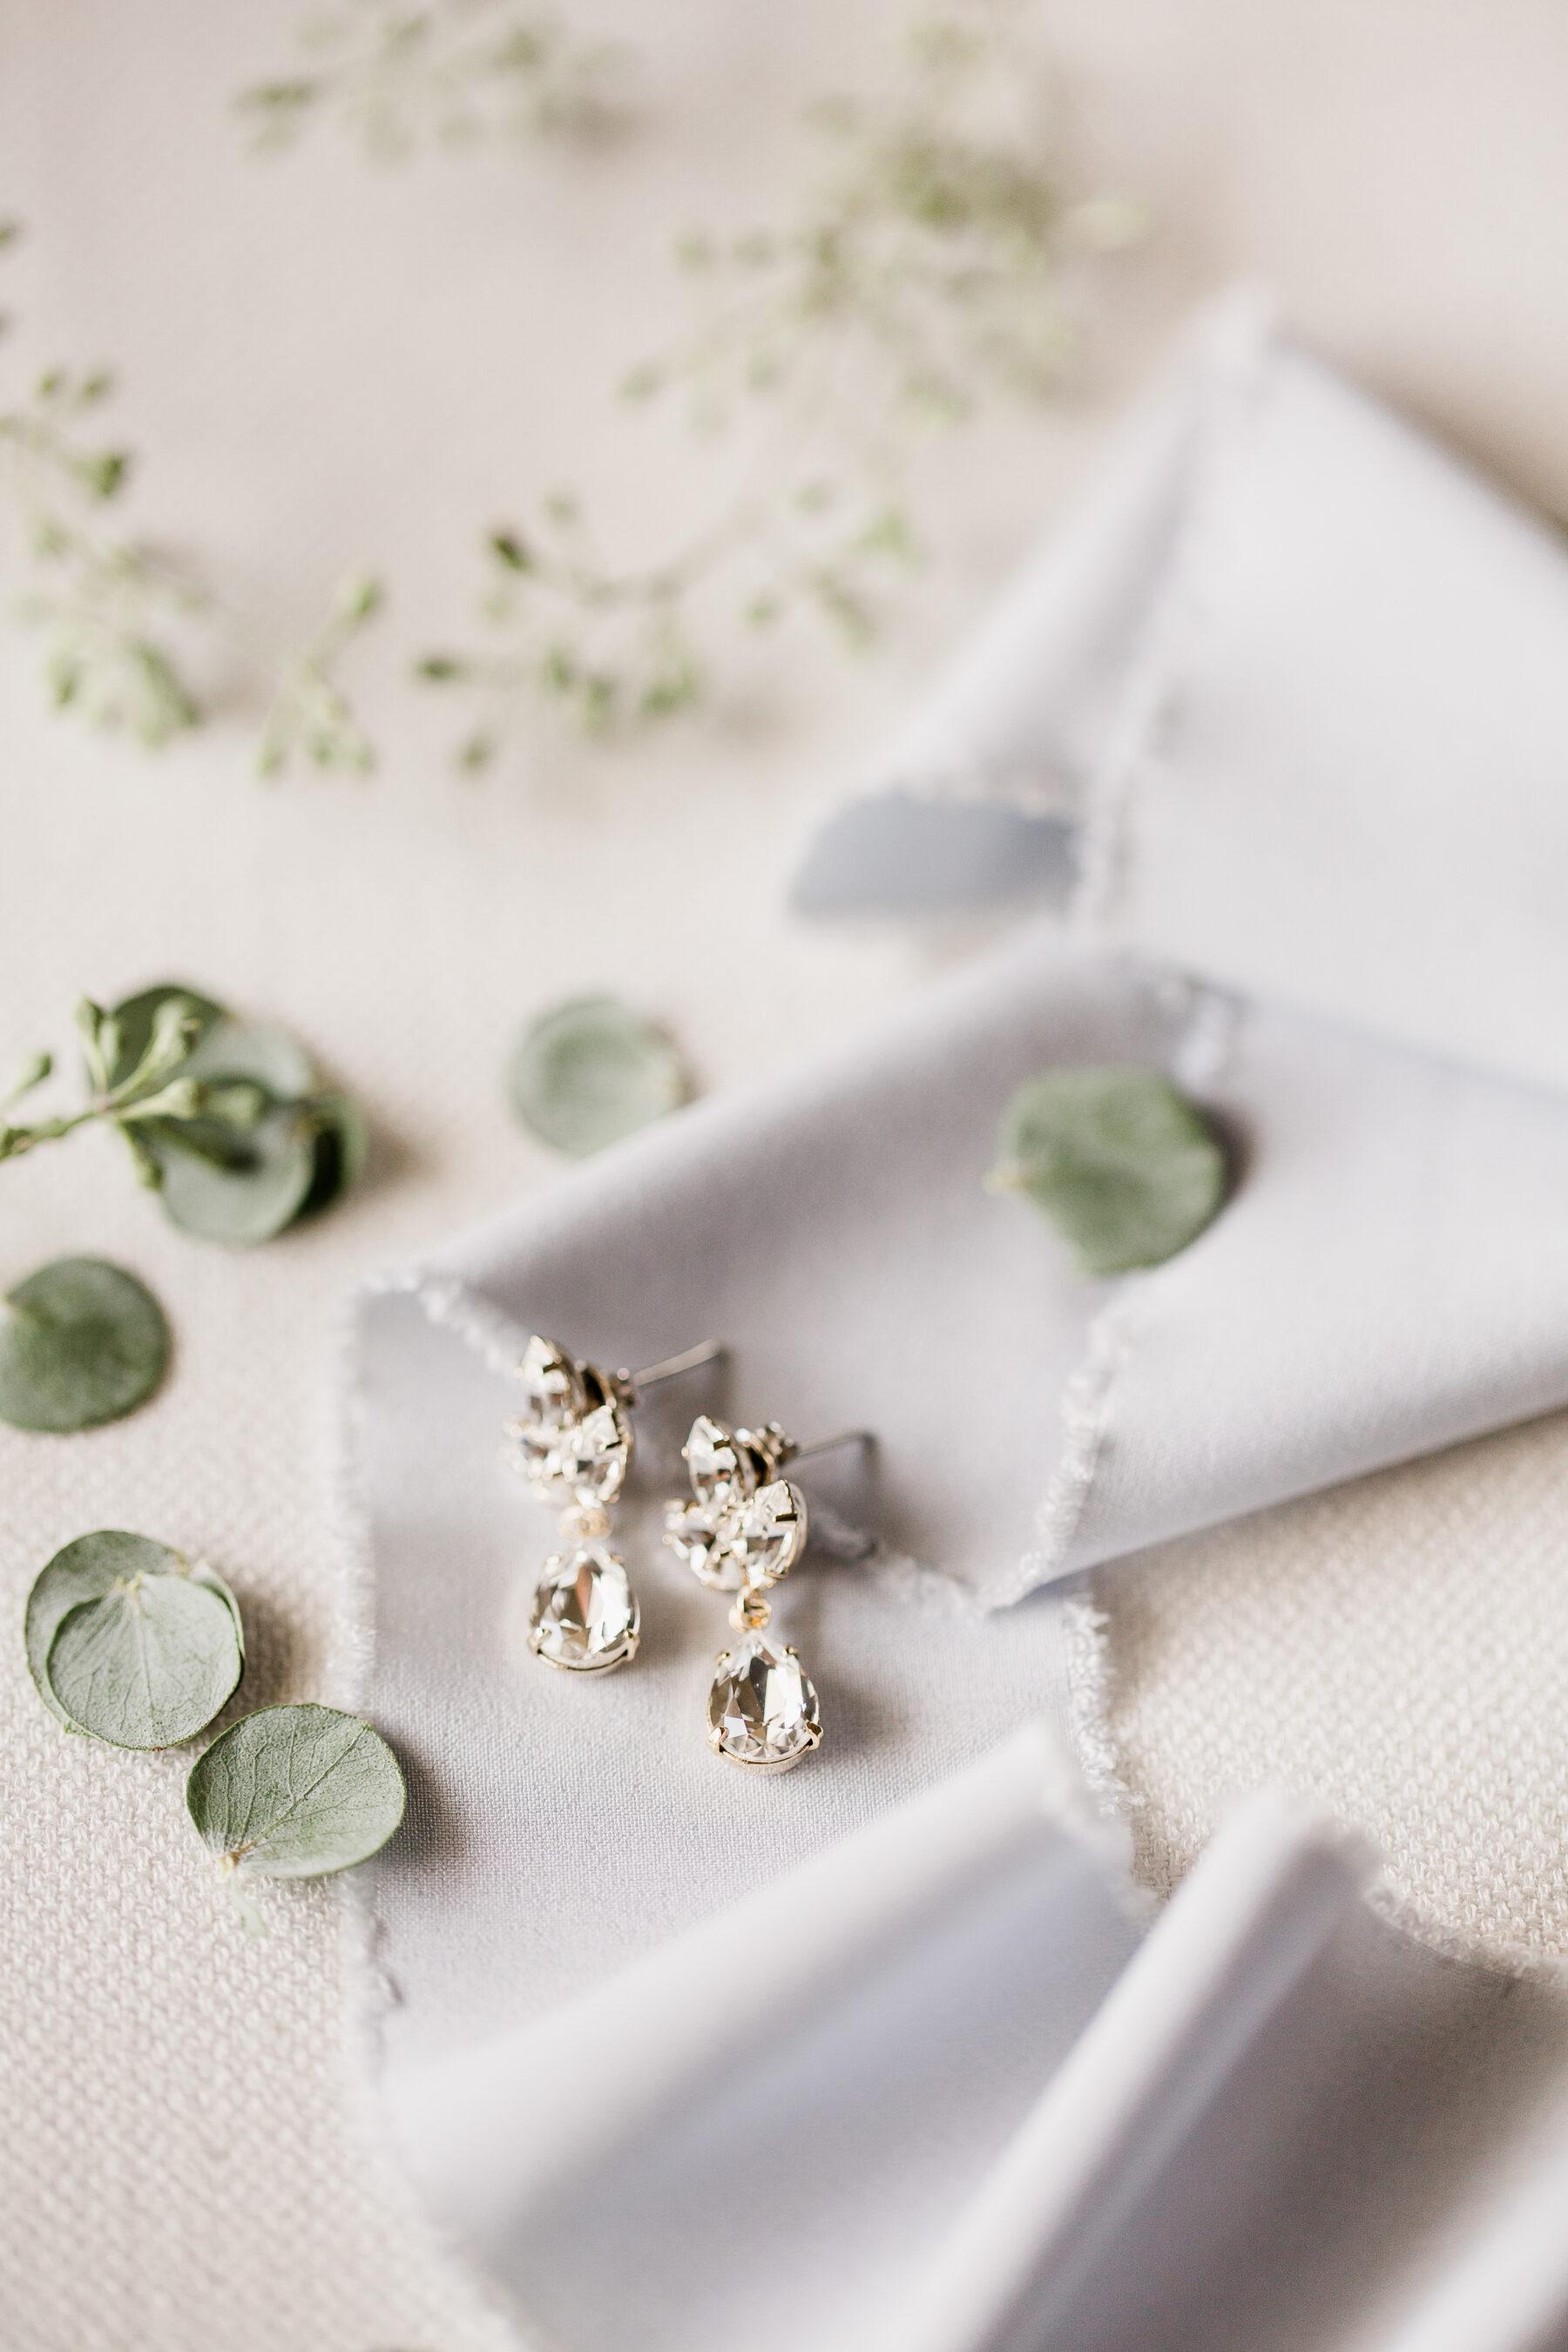 Tear drop wedding earrings | Nashville Bride Guide